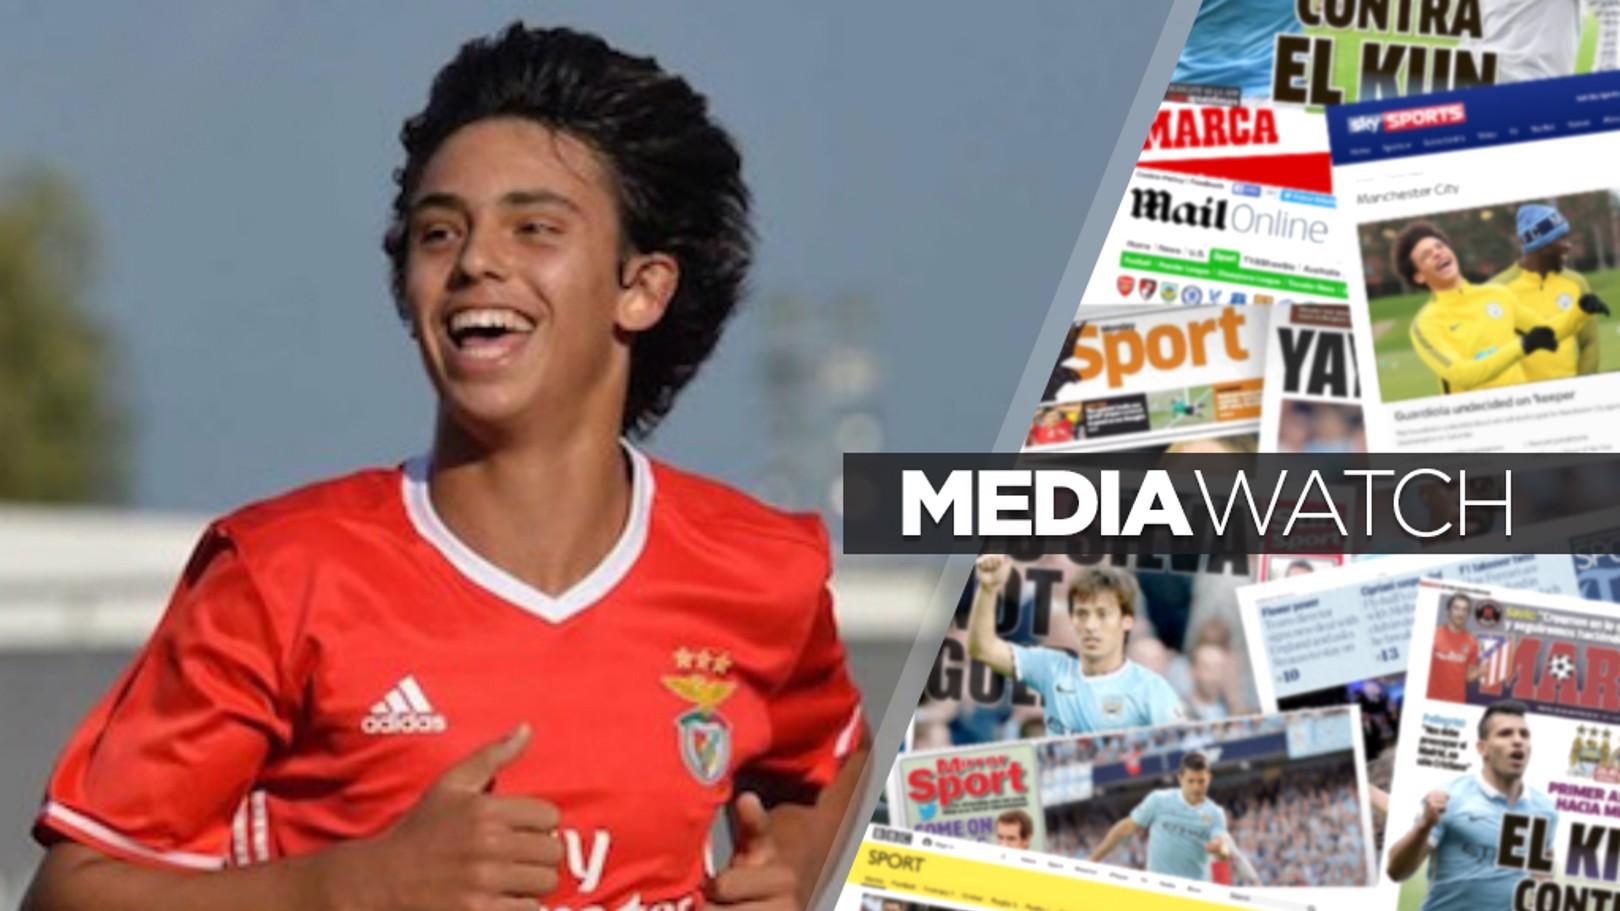 صحف تشير إلى منافسة من أجل ضم لاعب بنفيكا الشاب جواو فيلكس.